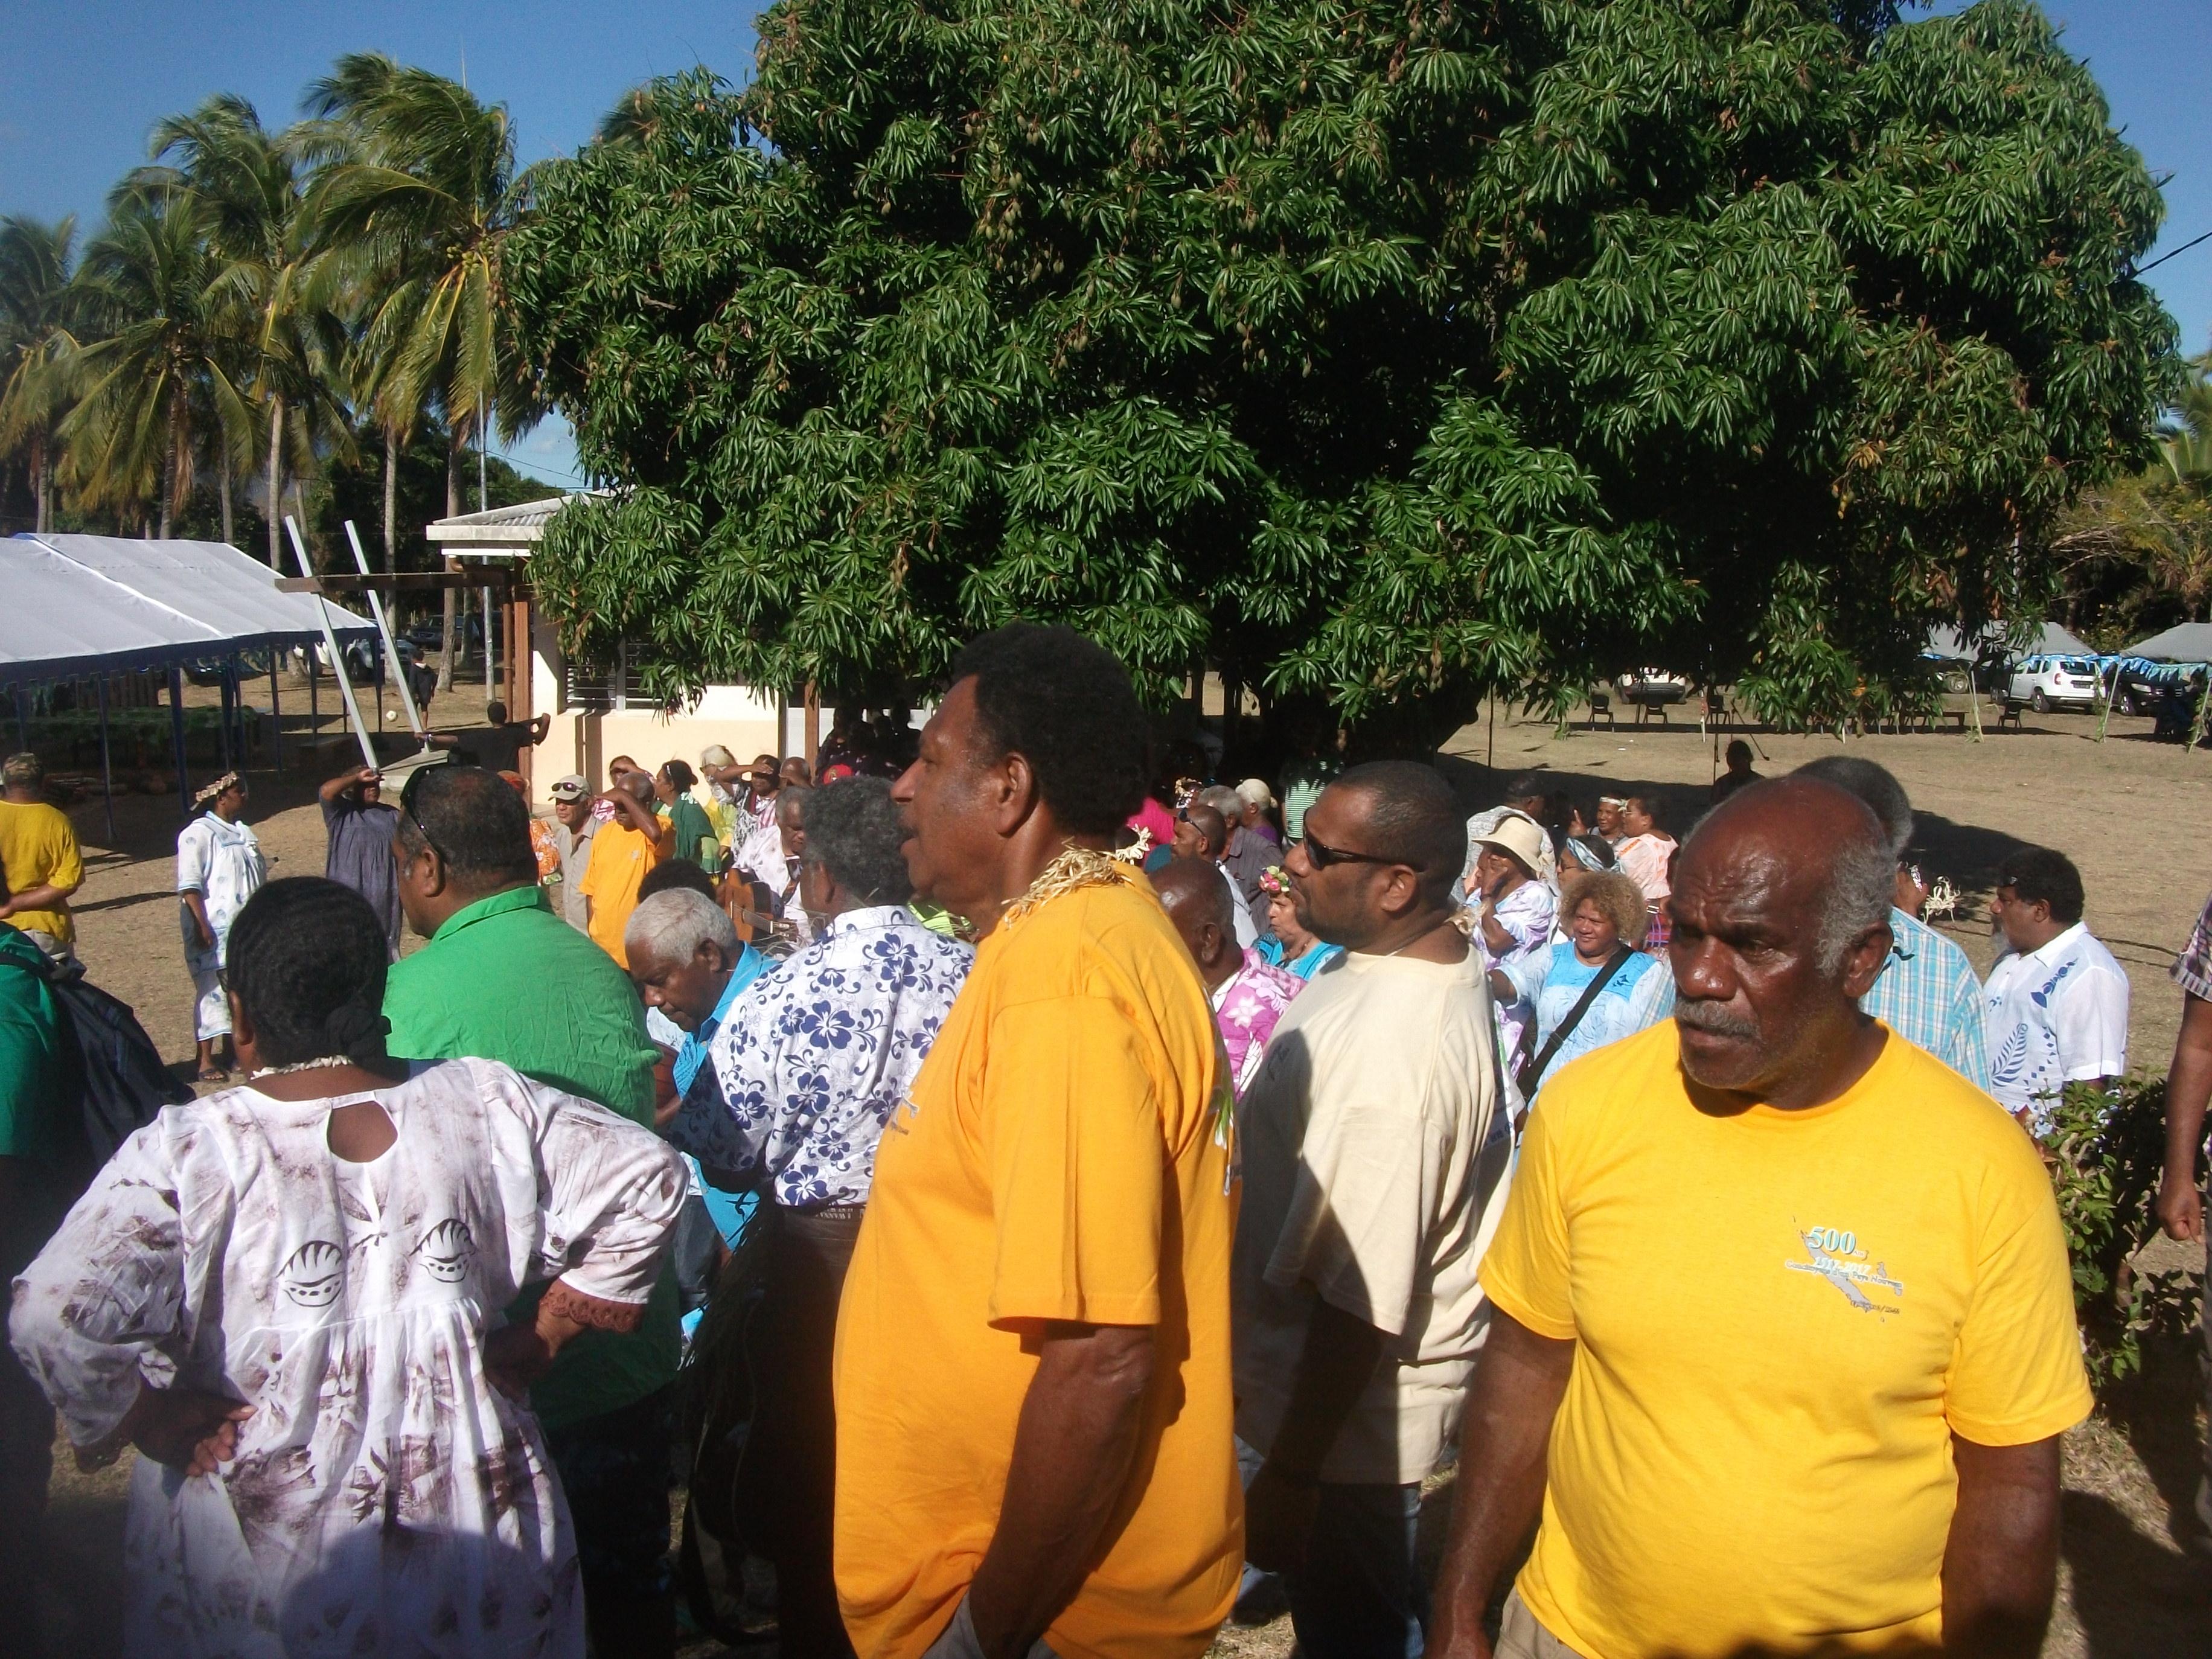 Rassemblement autour des sapins qui ont été plantés par les chefs des Eglises